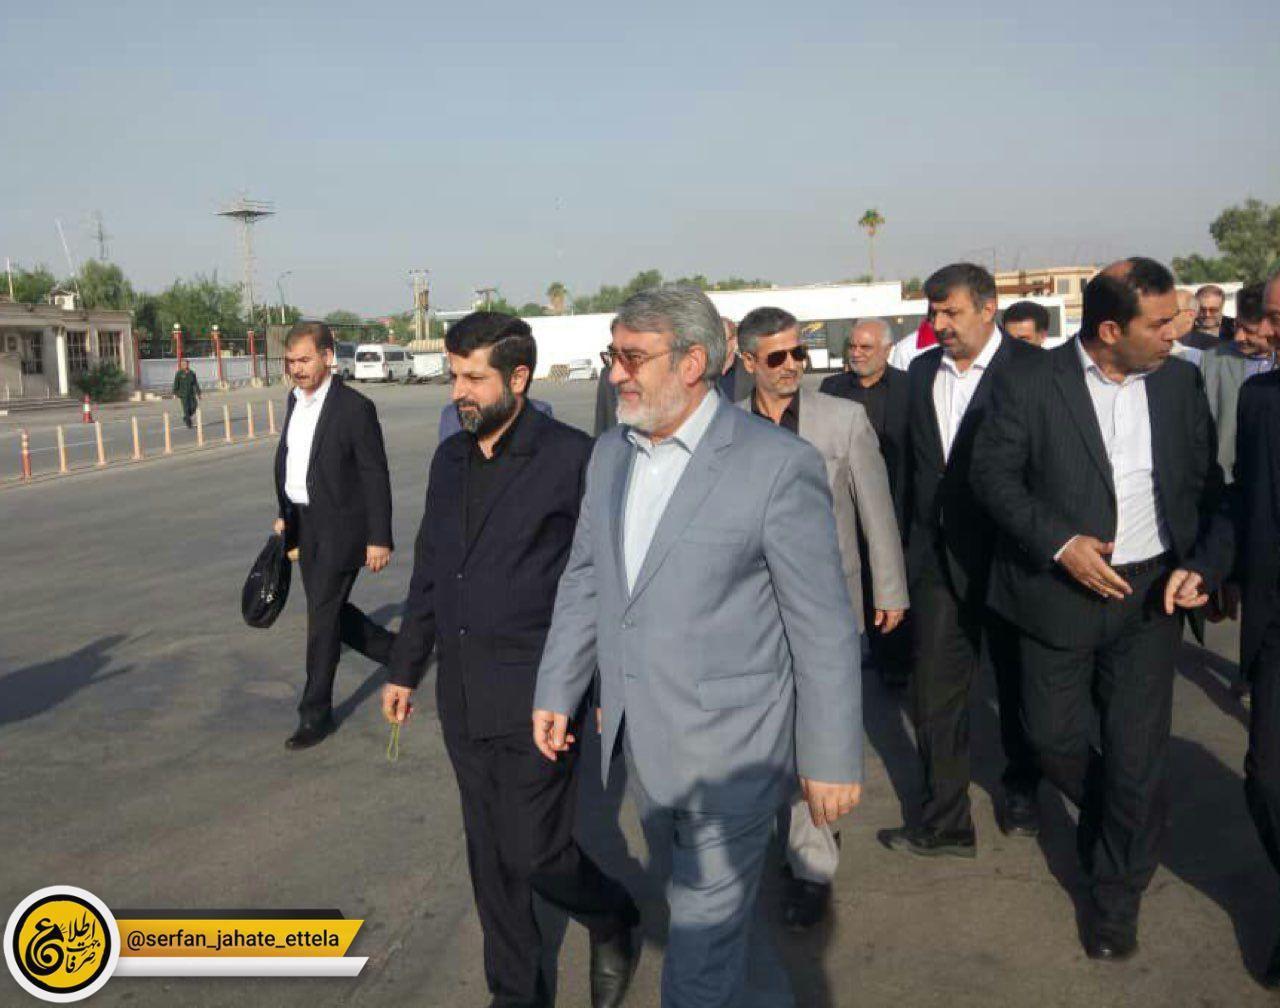 وزیر کشور به مرزهای چذابه و شلمچه رفت